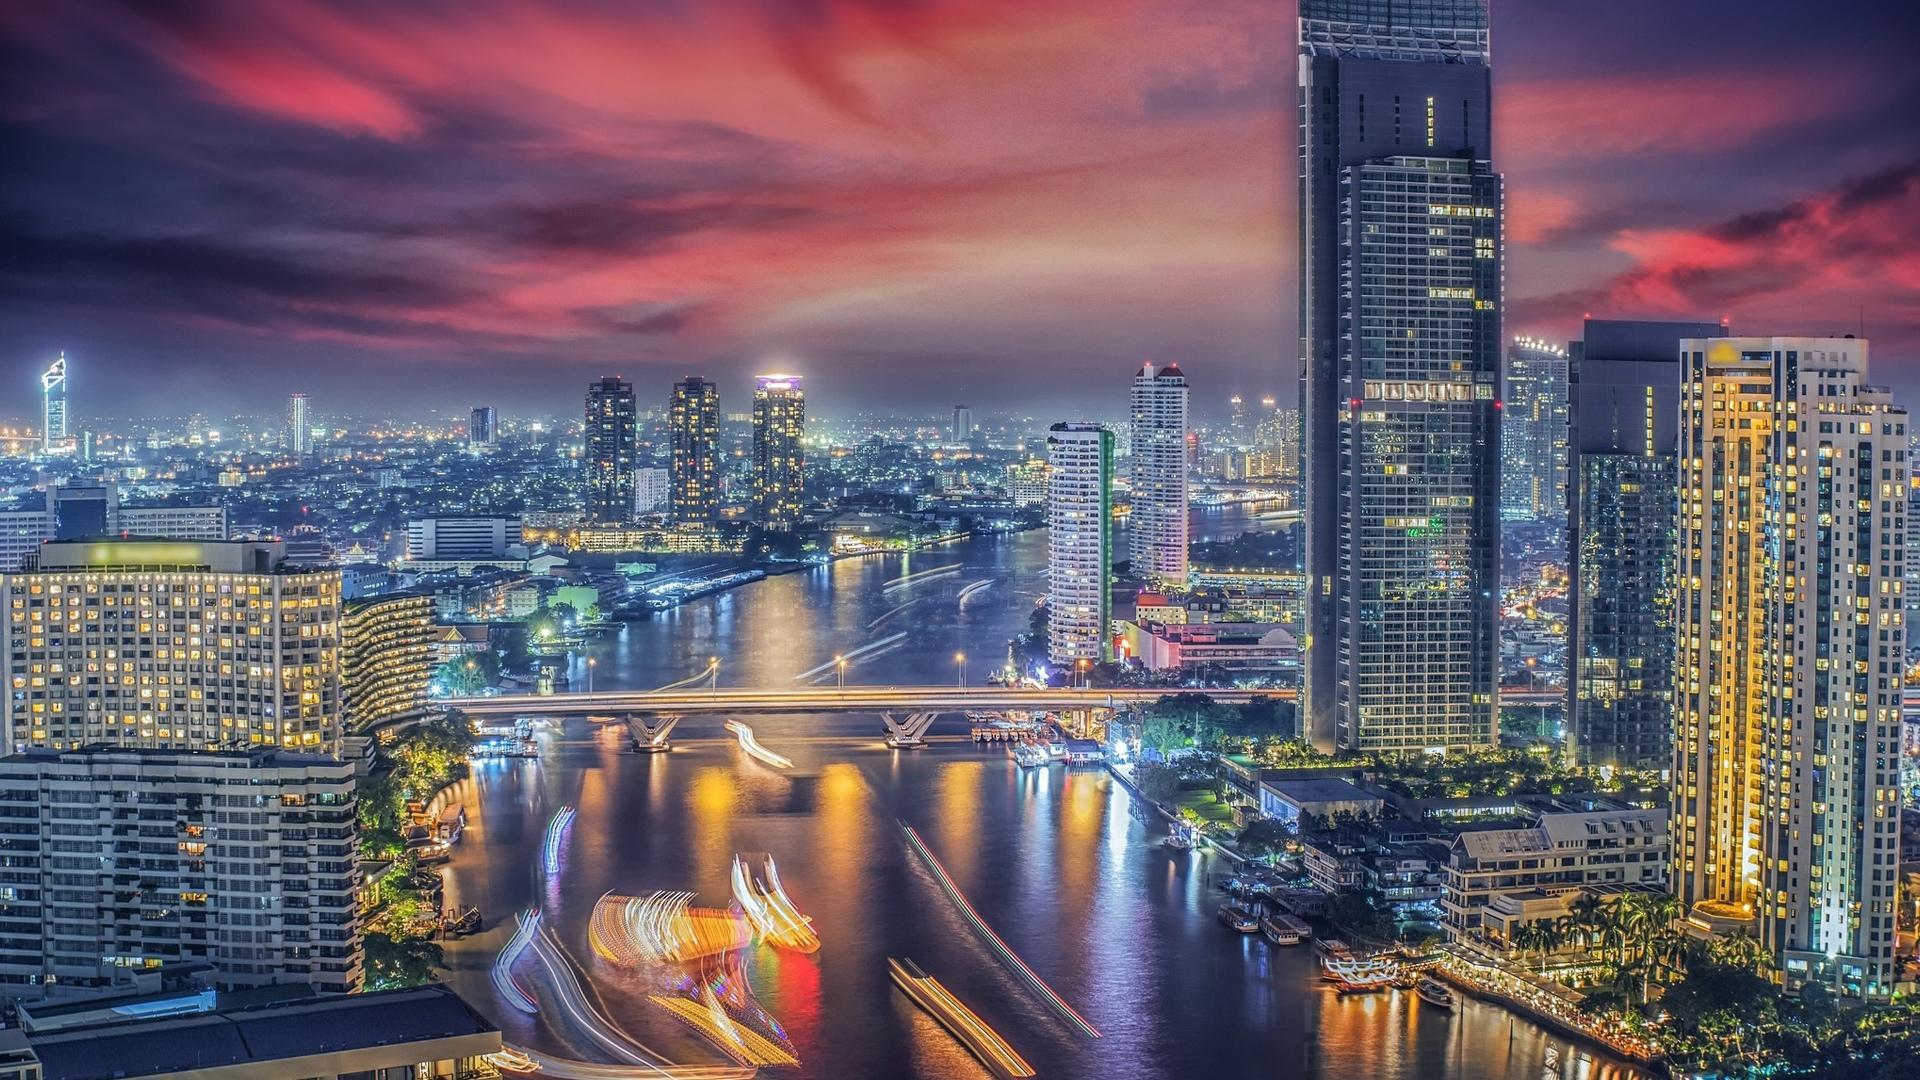 泰国曼谷霓虹璀璨城市夜景图片桌面壁纸